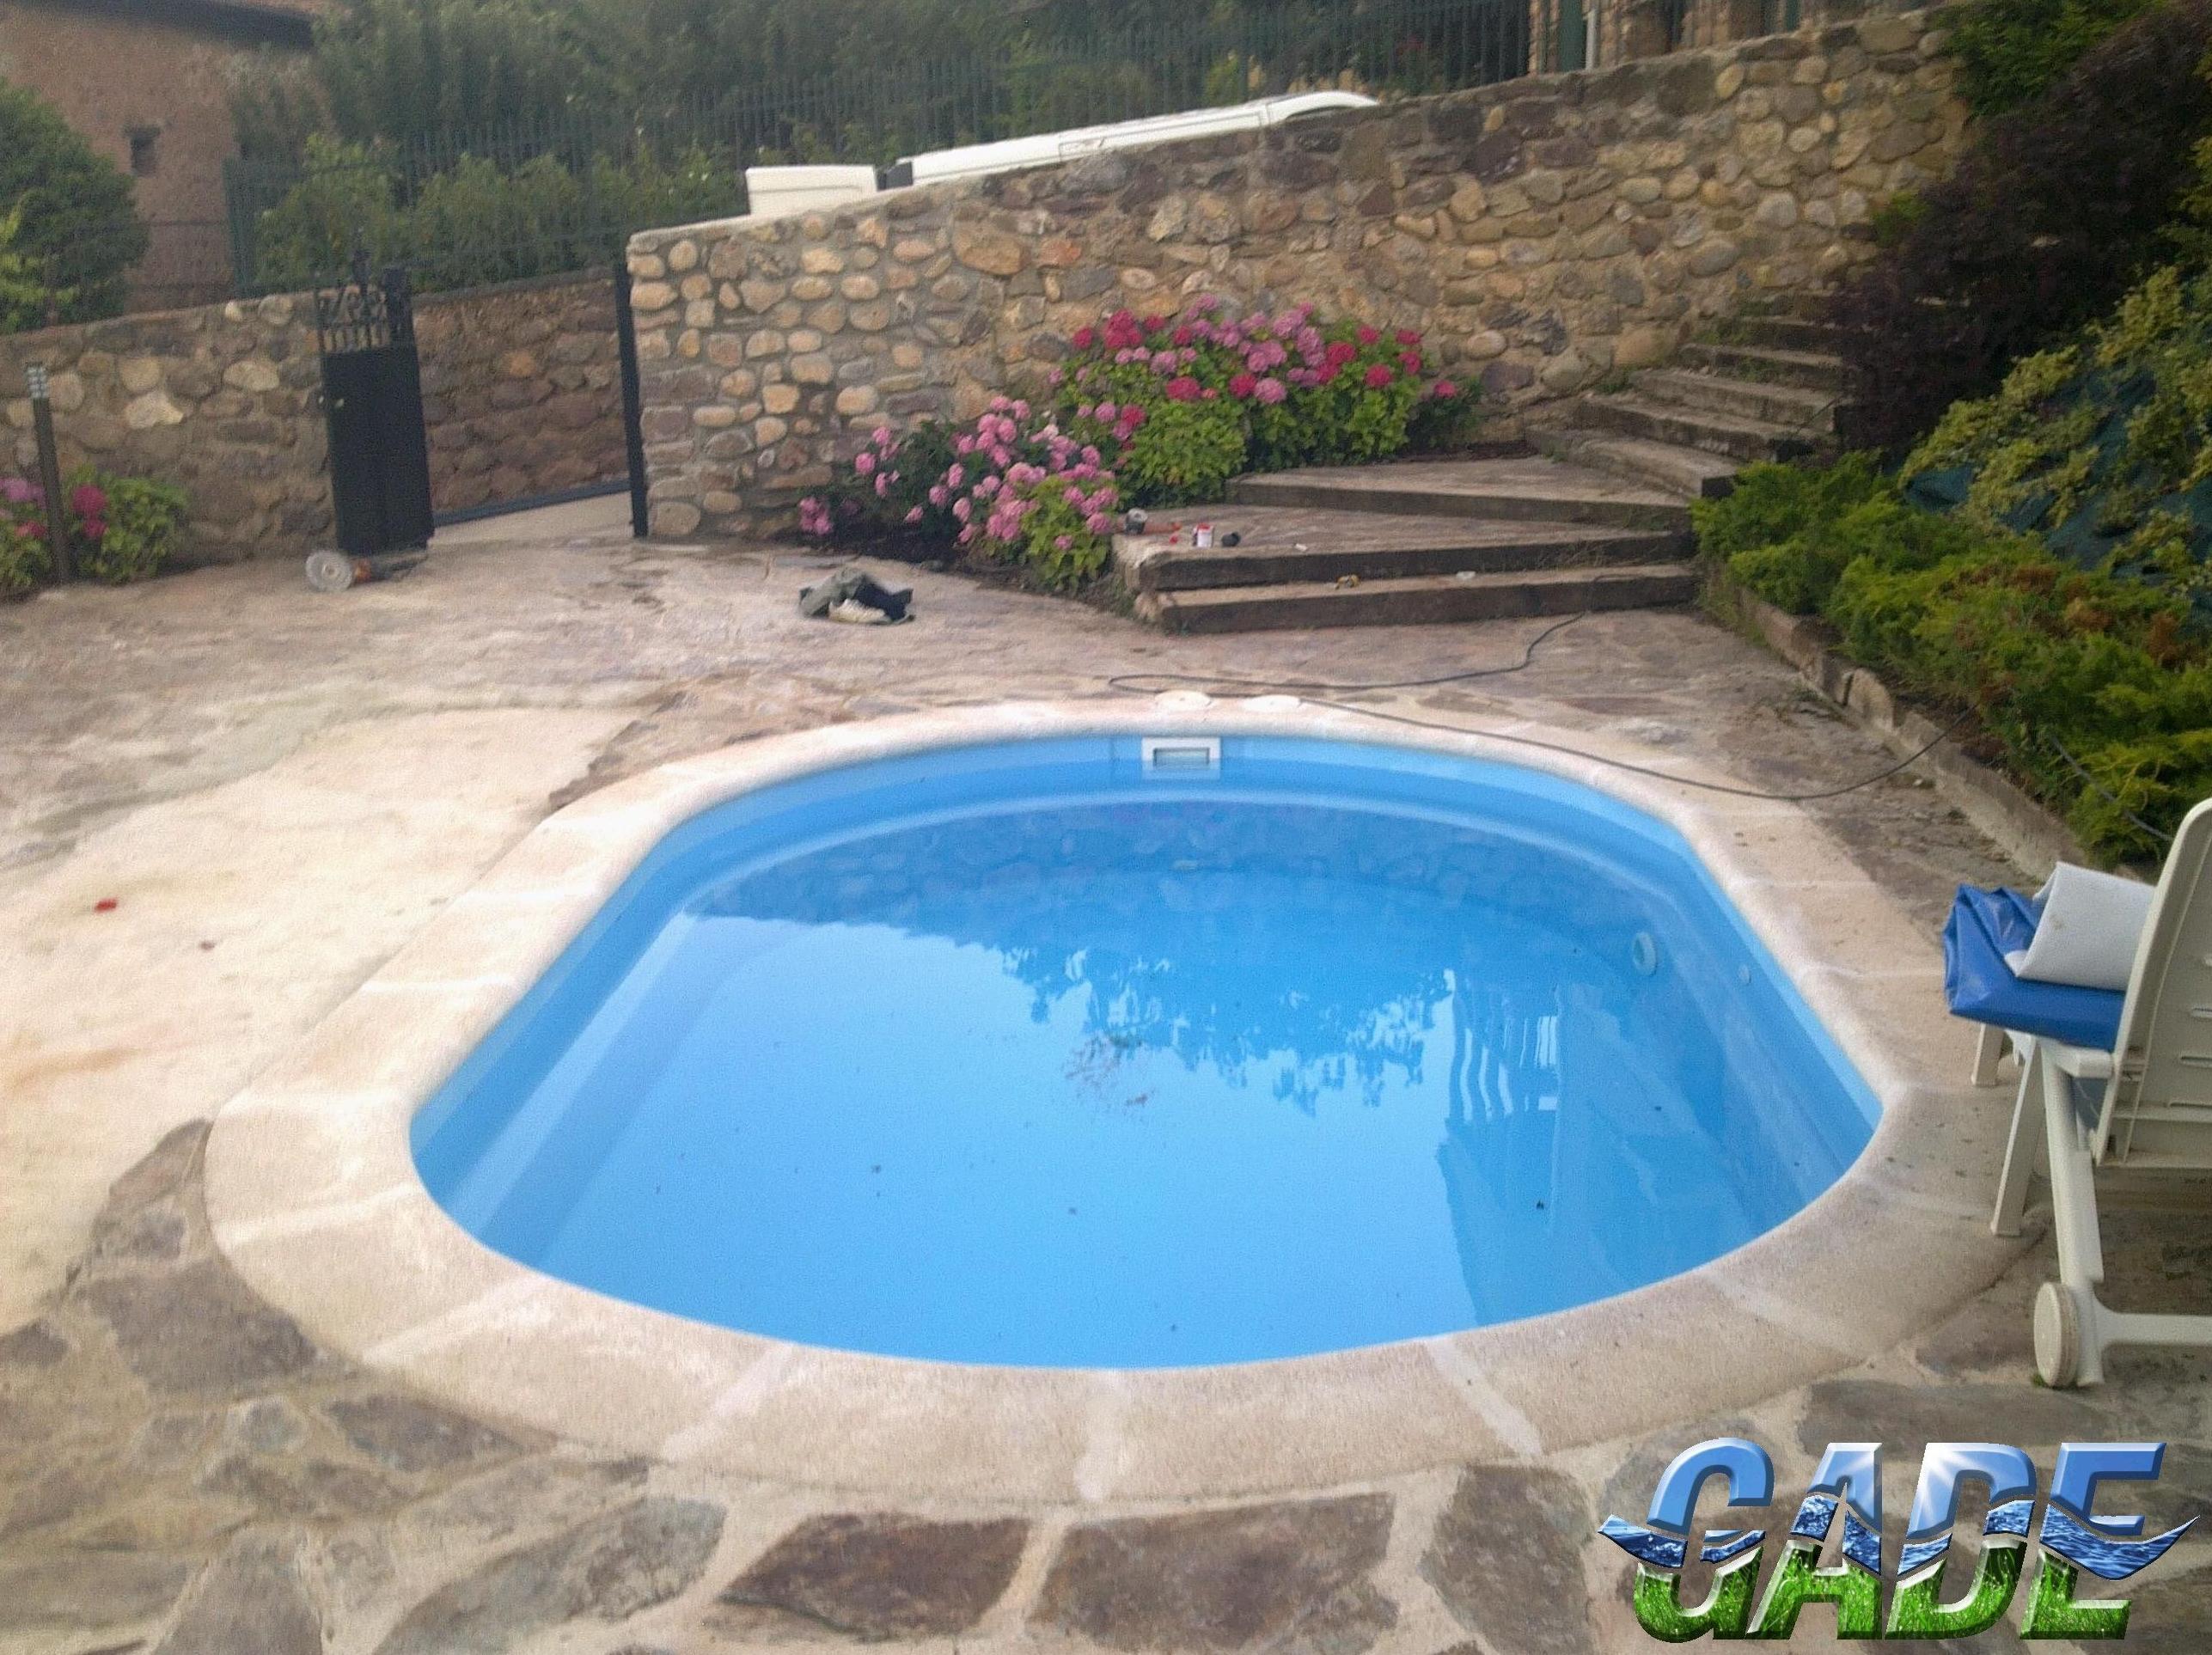 foto de instalacin de piscinas en logroo gade piscinas y jardines